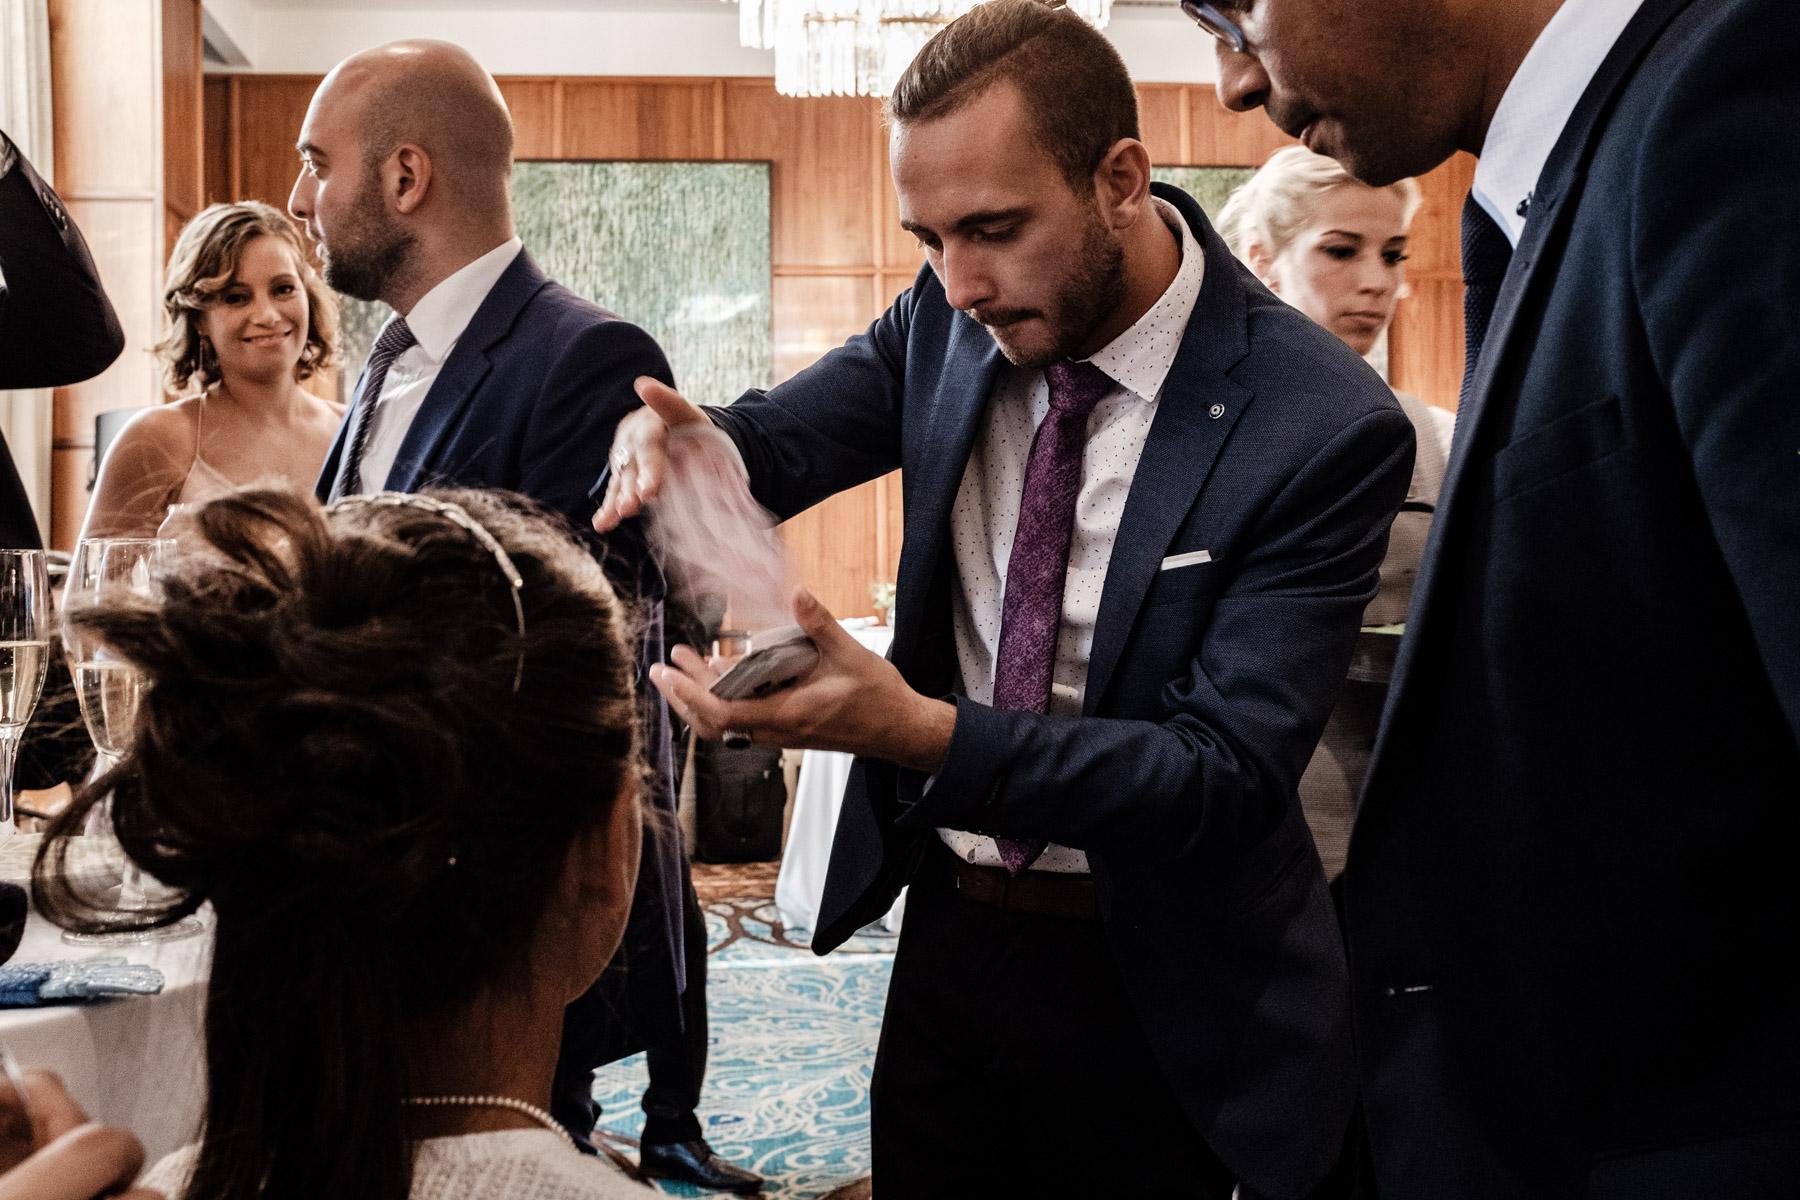 MartinLiebl_Kein_Hochzeitsfotograf_No_Wedding_Photographer_Budapest_Gresham_Palace_035.jpg